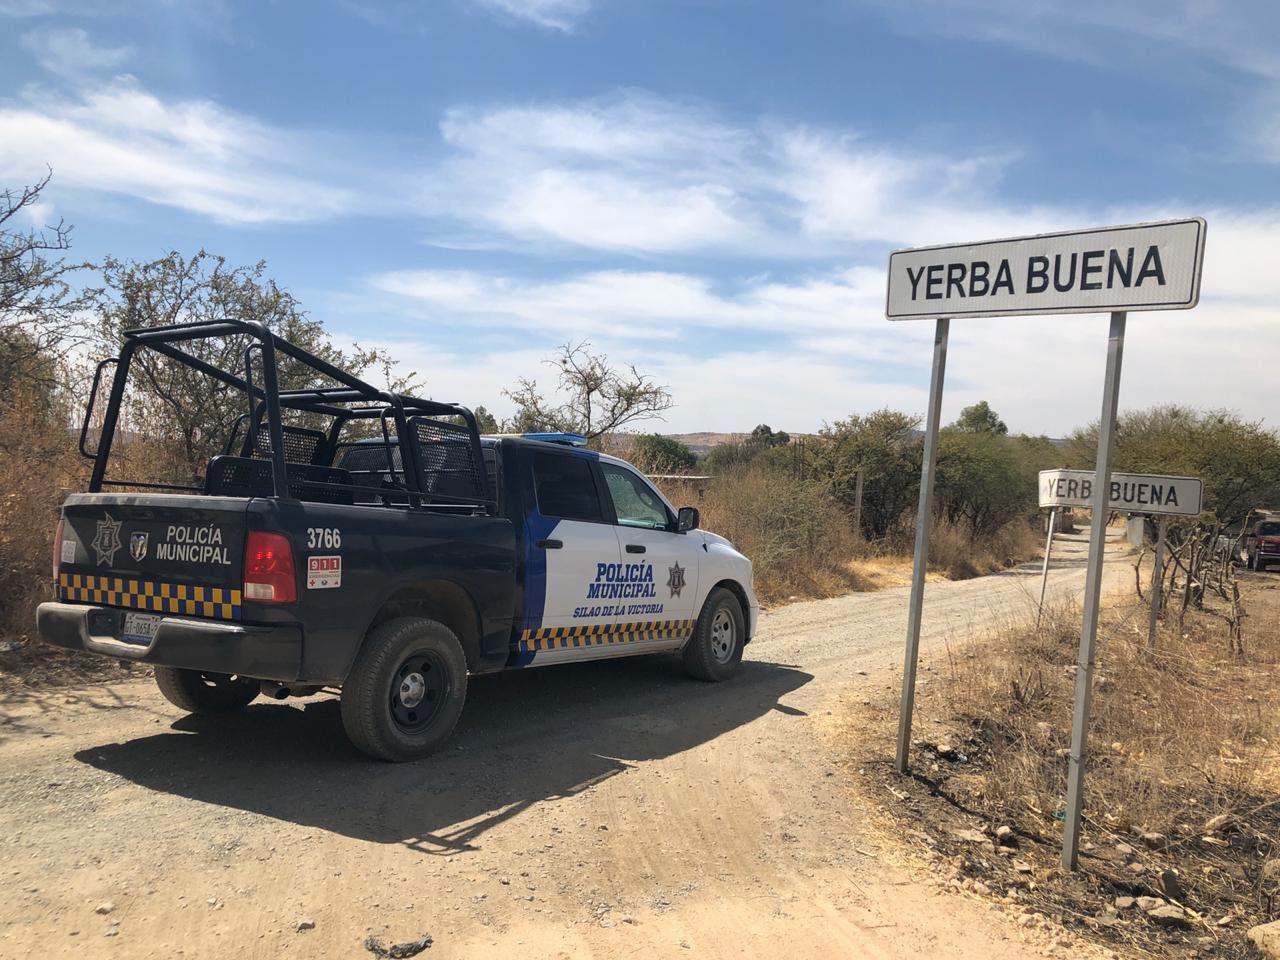 Policía Rural continúa con recorridos en comunidades